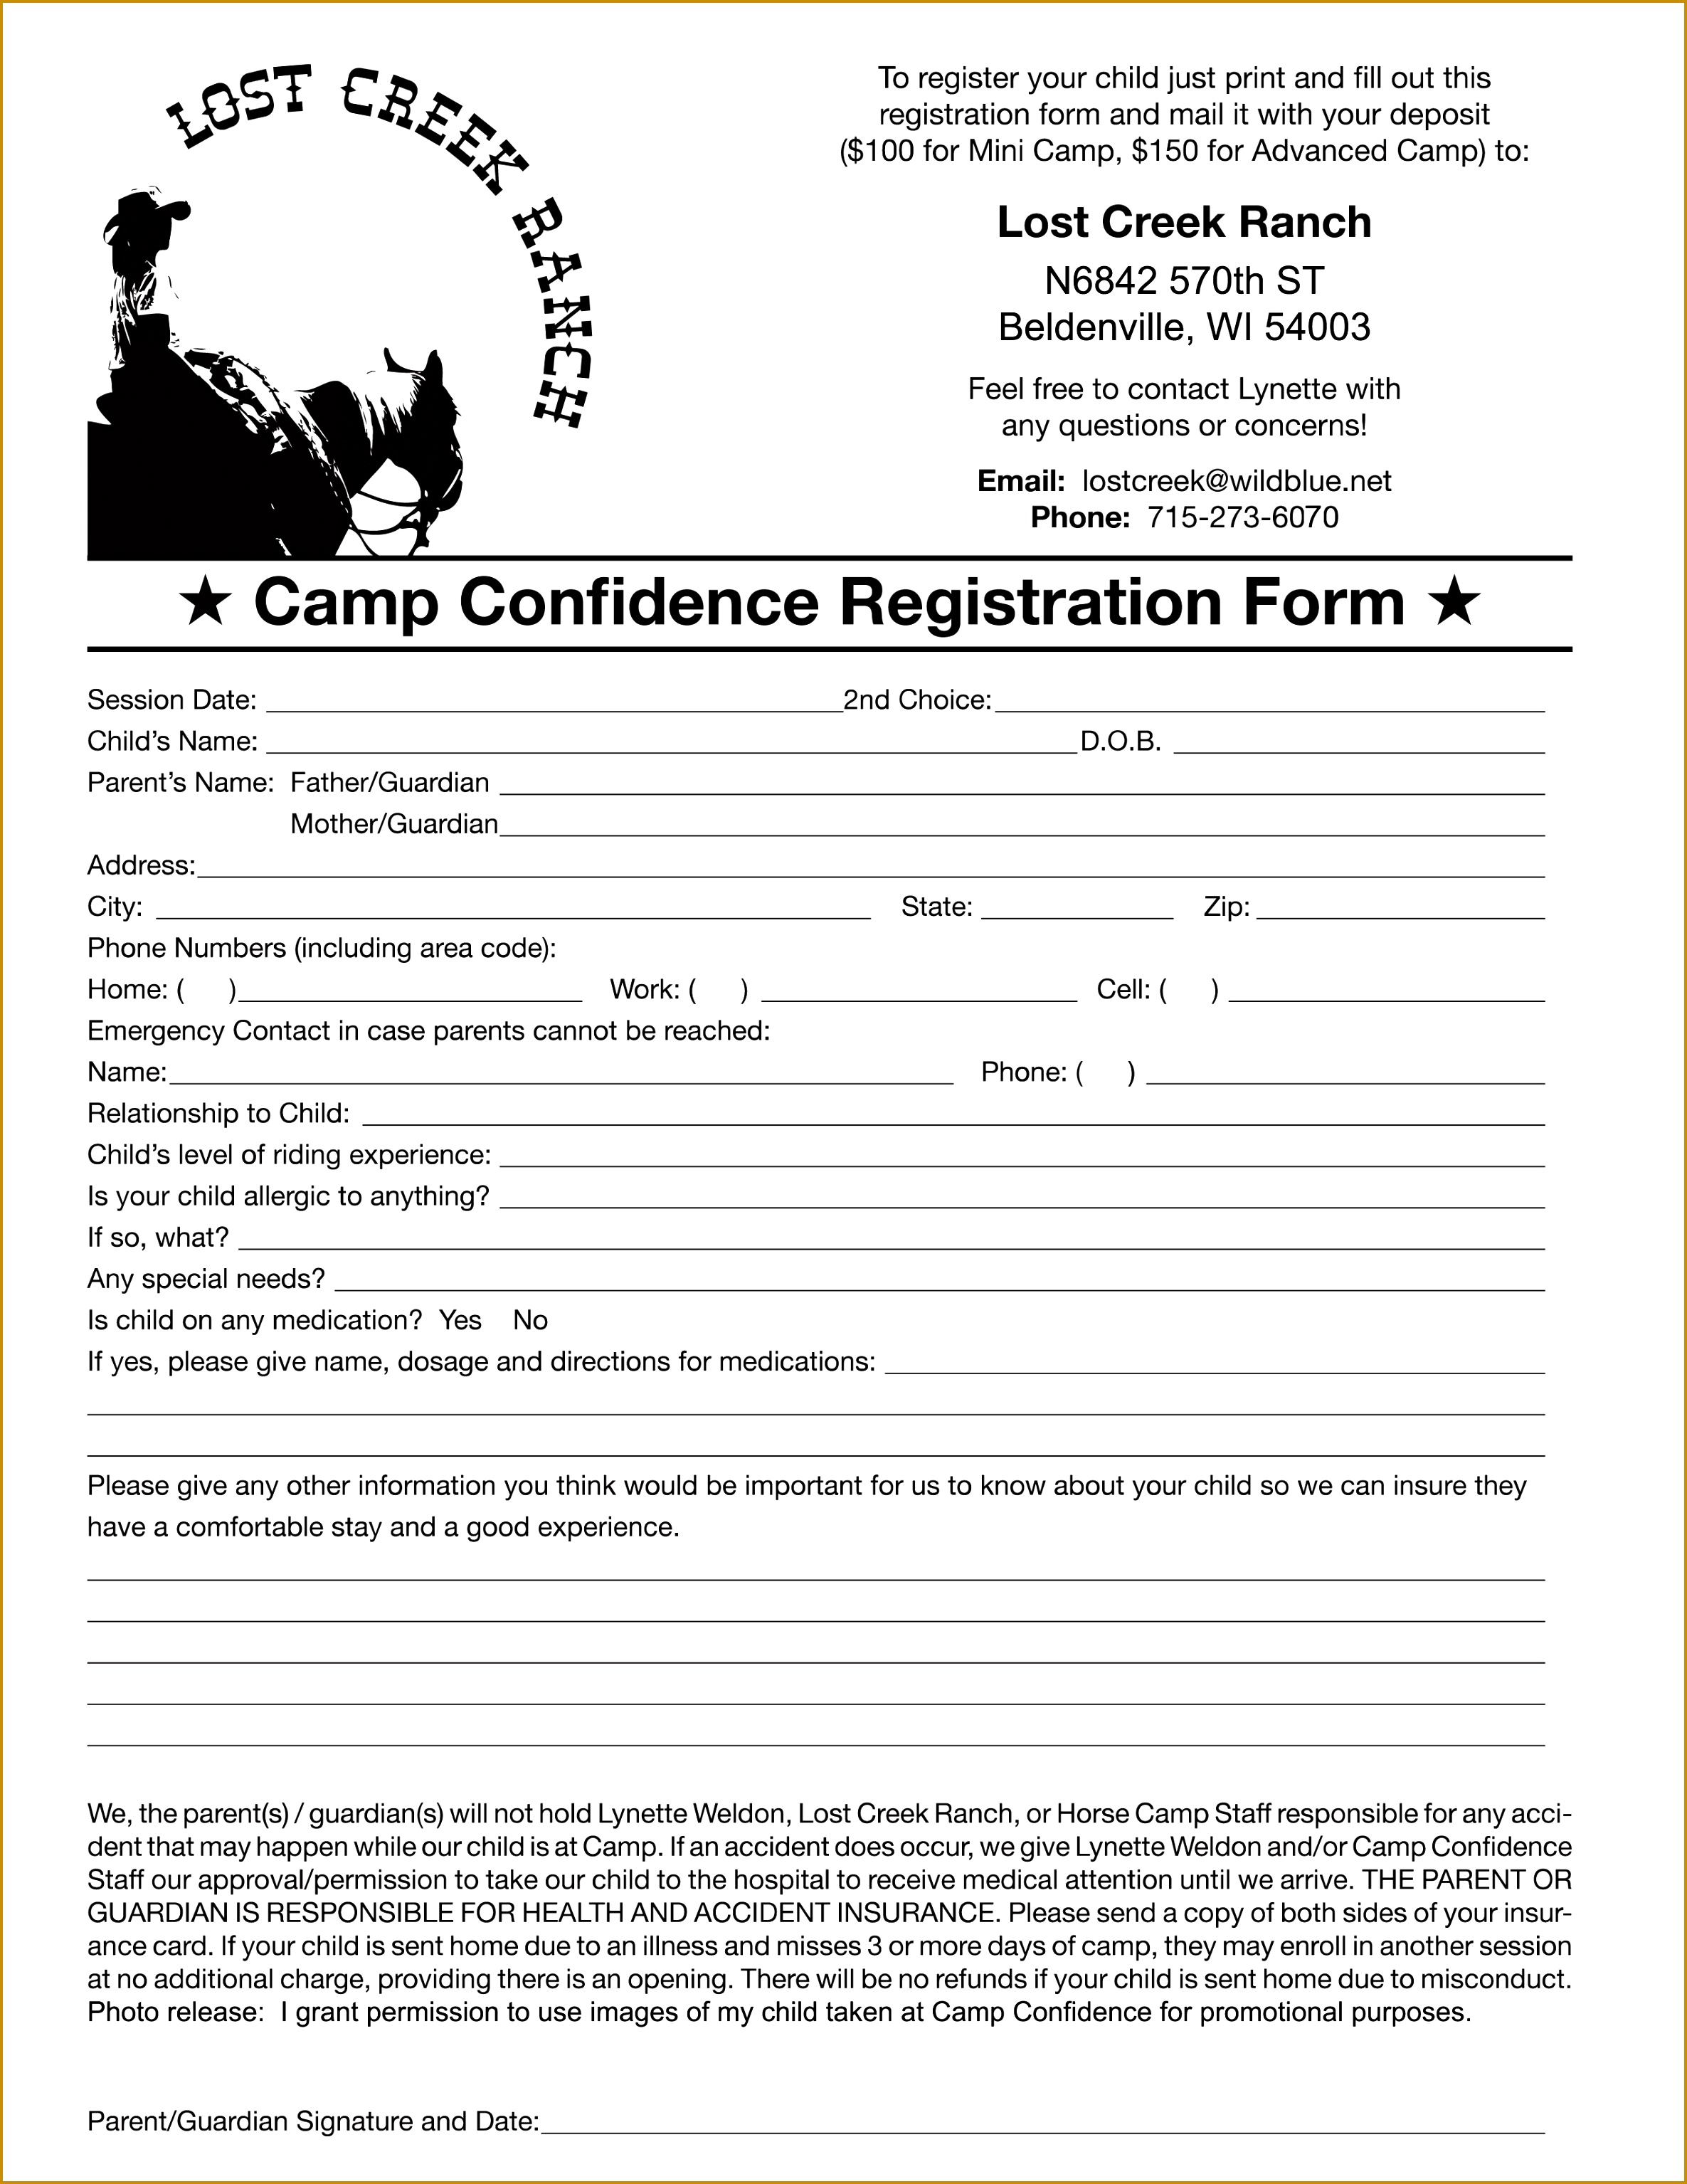 Camp Registration Form 30692371